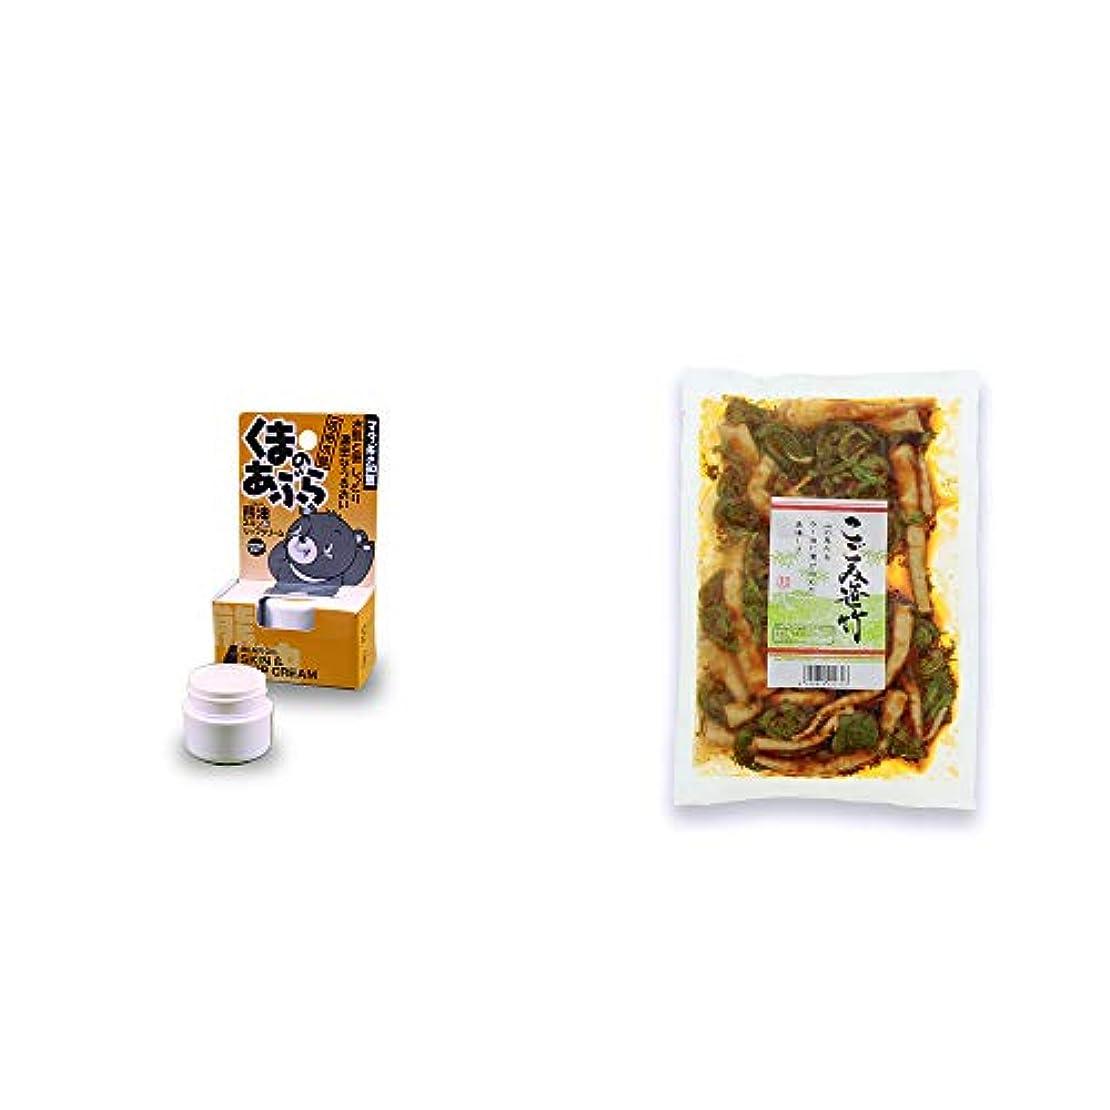 エリート乱闘おかしい[2点セット] 信州木曽 くまのあぶら 熊油スキン&リップクリーム(9g)?こごみ笹竹(250g)